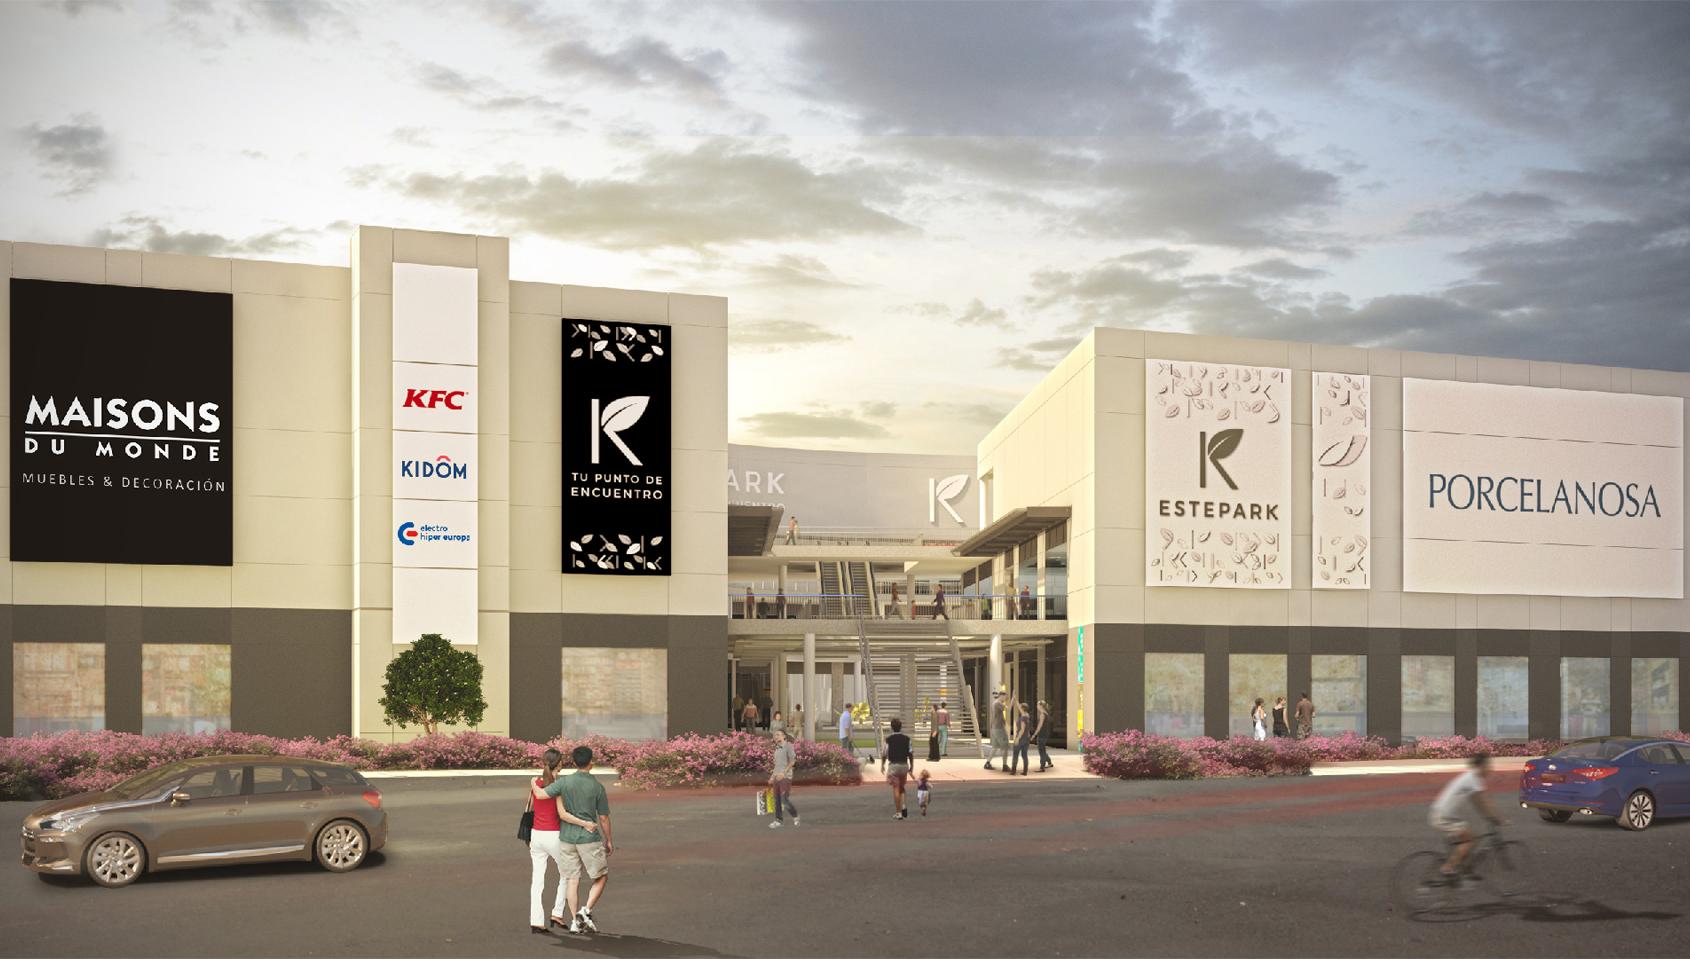 21 de noviembre APERTURA de la Plaza Estepark, eje central del centro comercial y de ocio ESTEPARK.